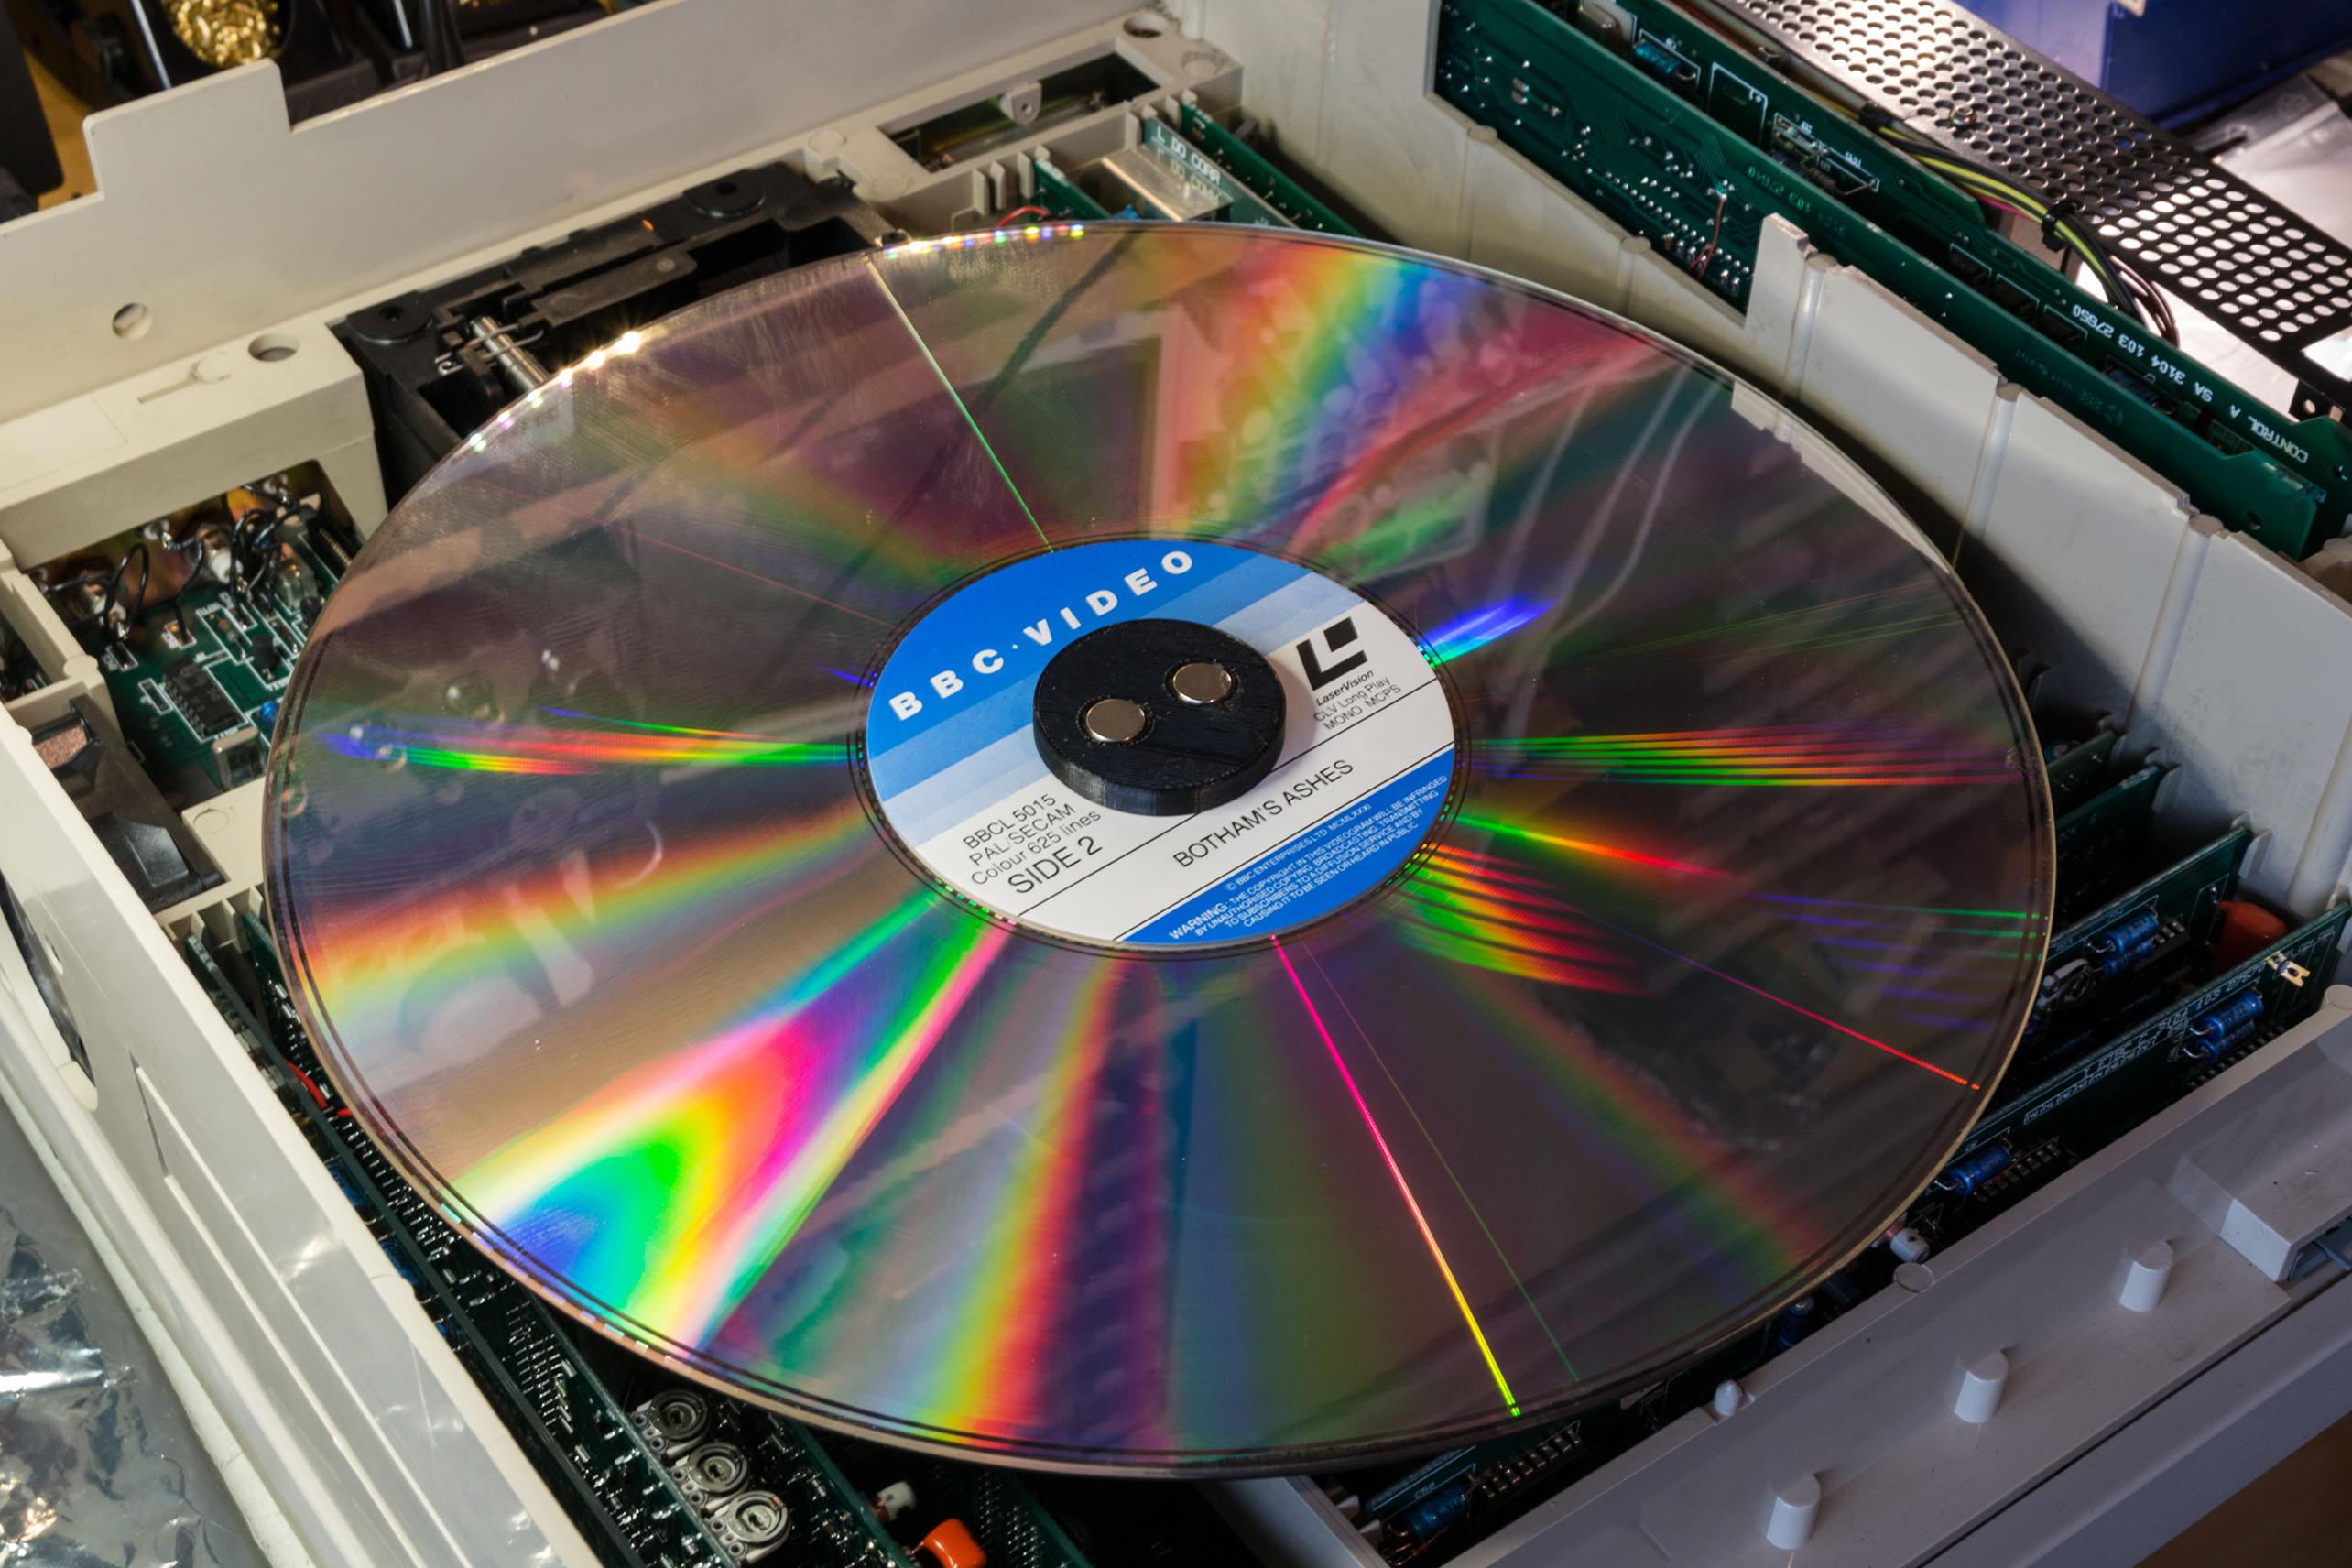 Картинки с компакт дисками